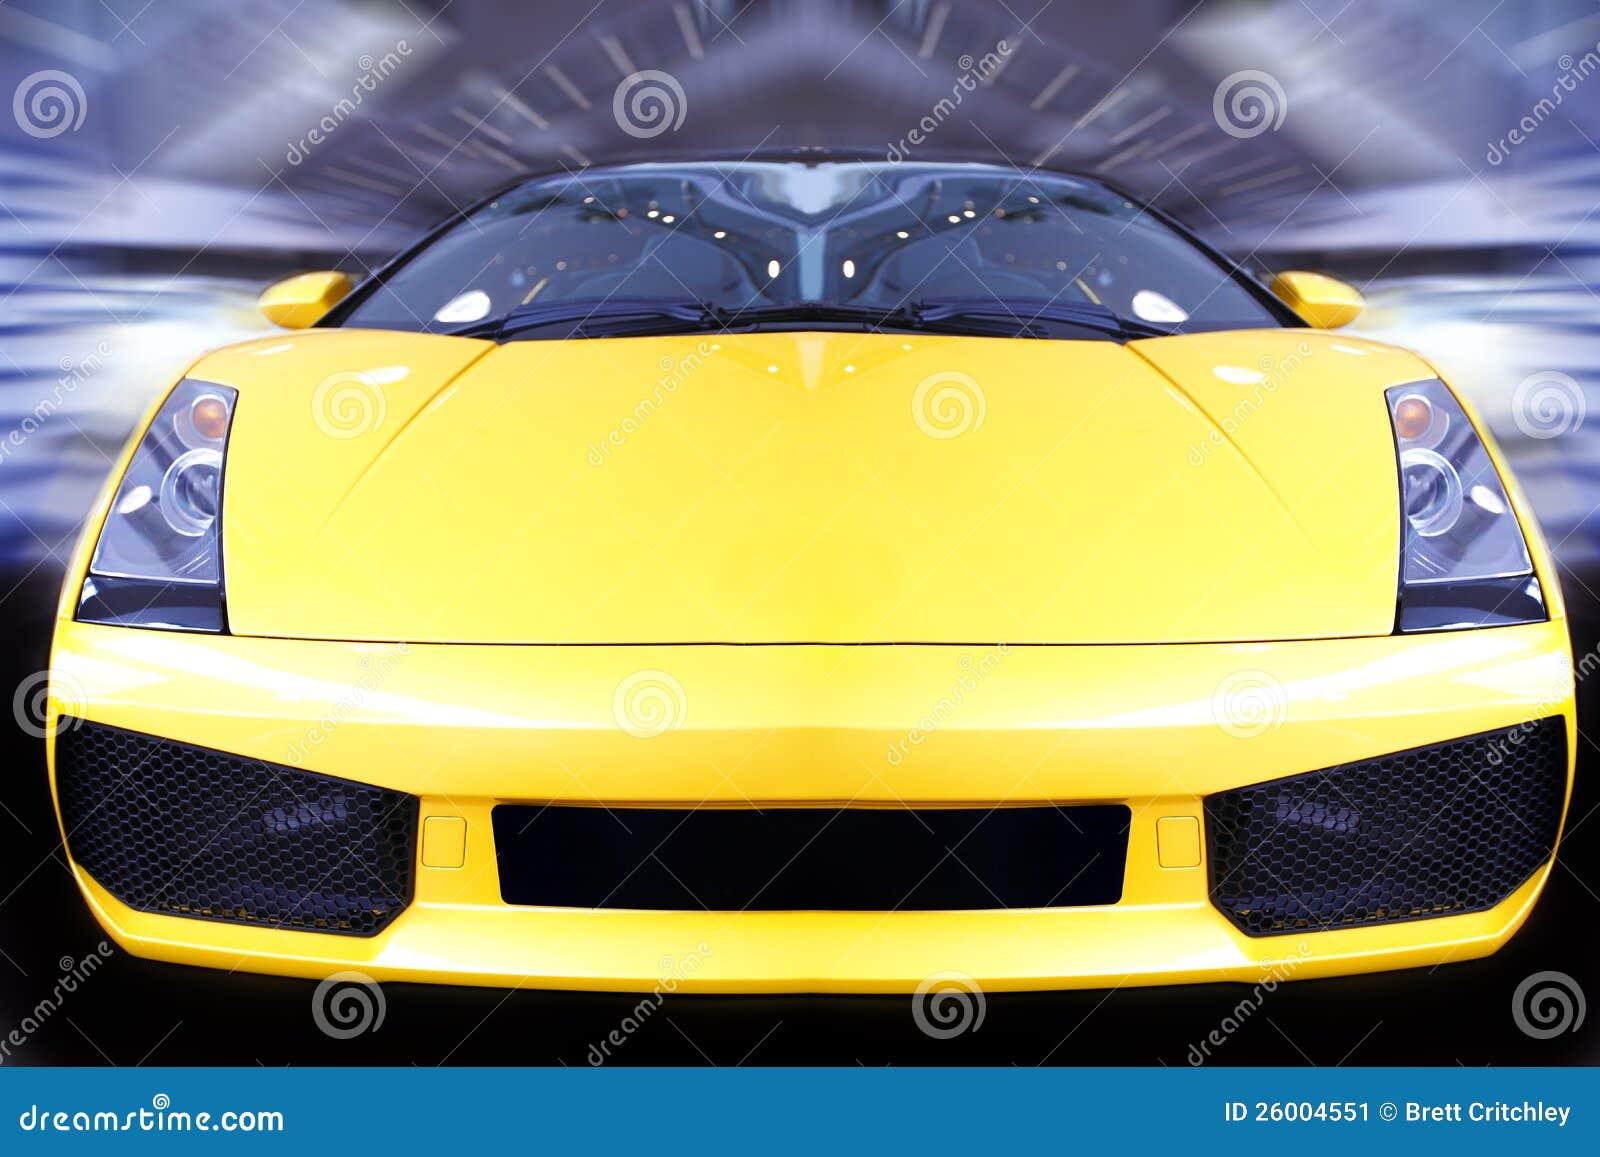 Επιταχυνόμενο αθλητικό αυτοκίνητο